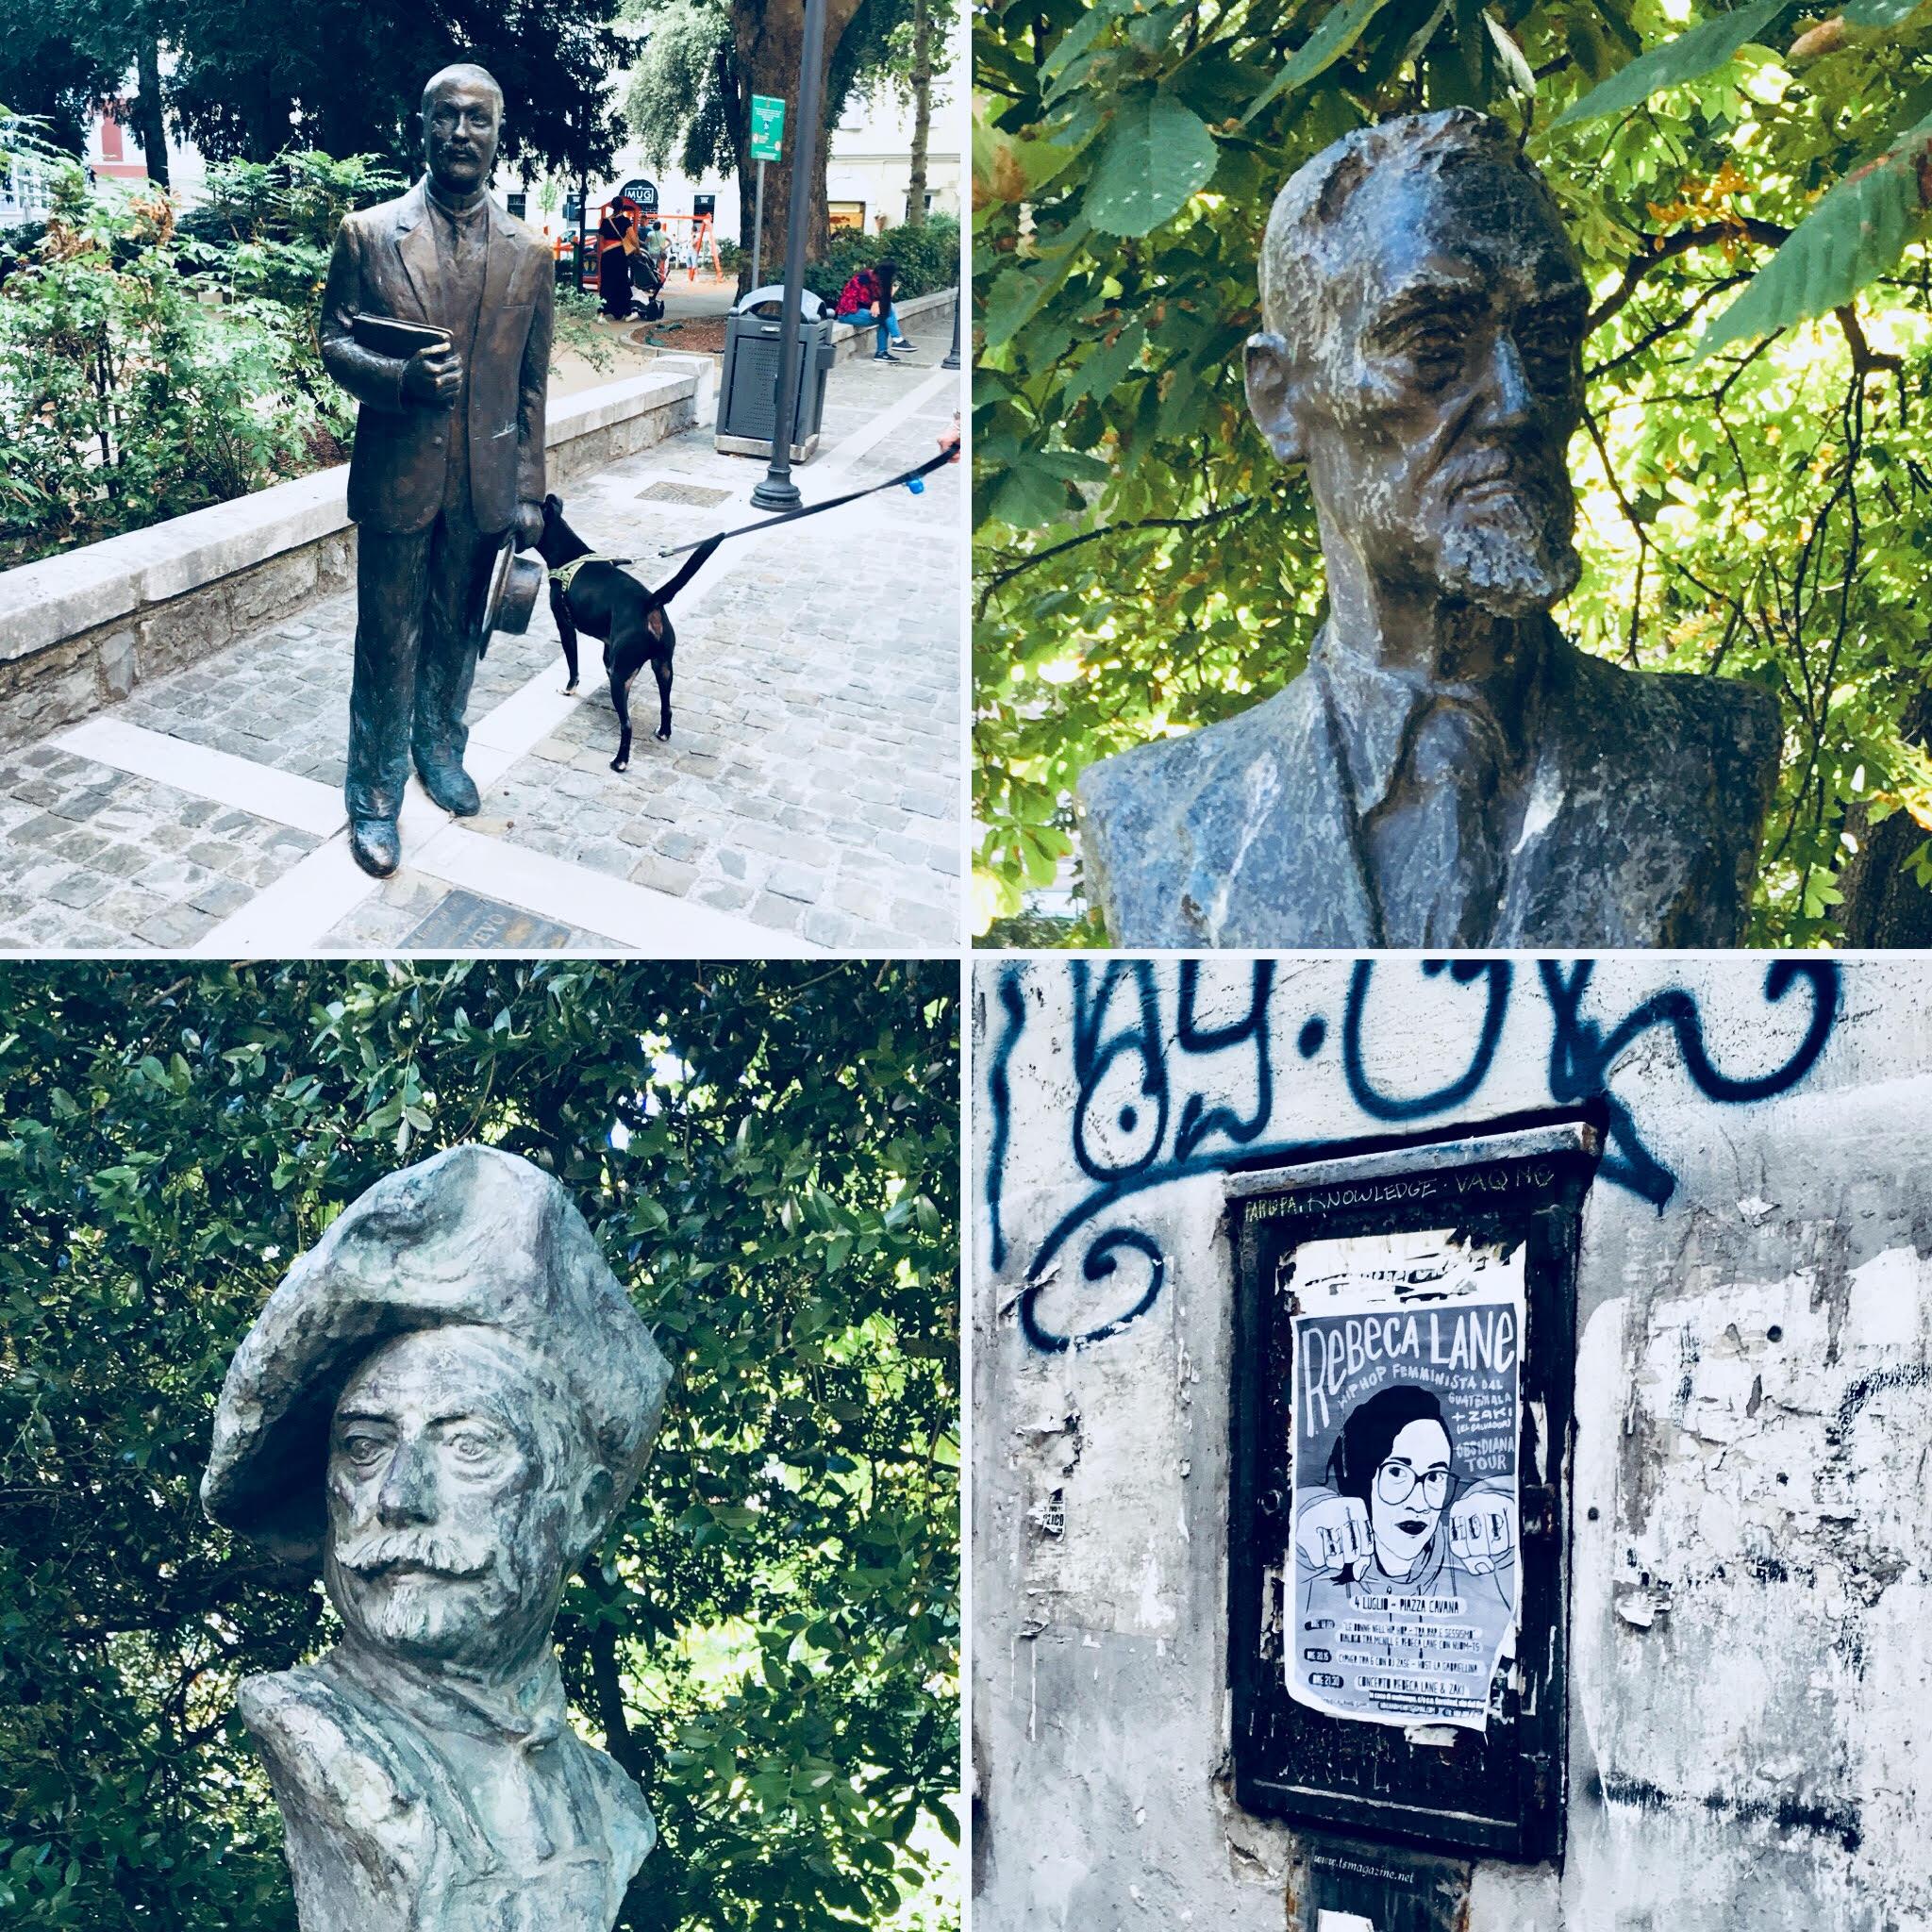 פסל עירוני של הסופר היהודי Italo Svevo ופסלים נוספים מפארק טומסיני (צילום: הילי ברוק בלום)